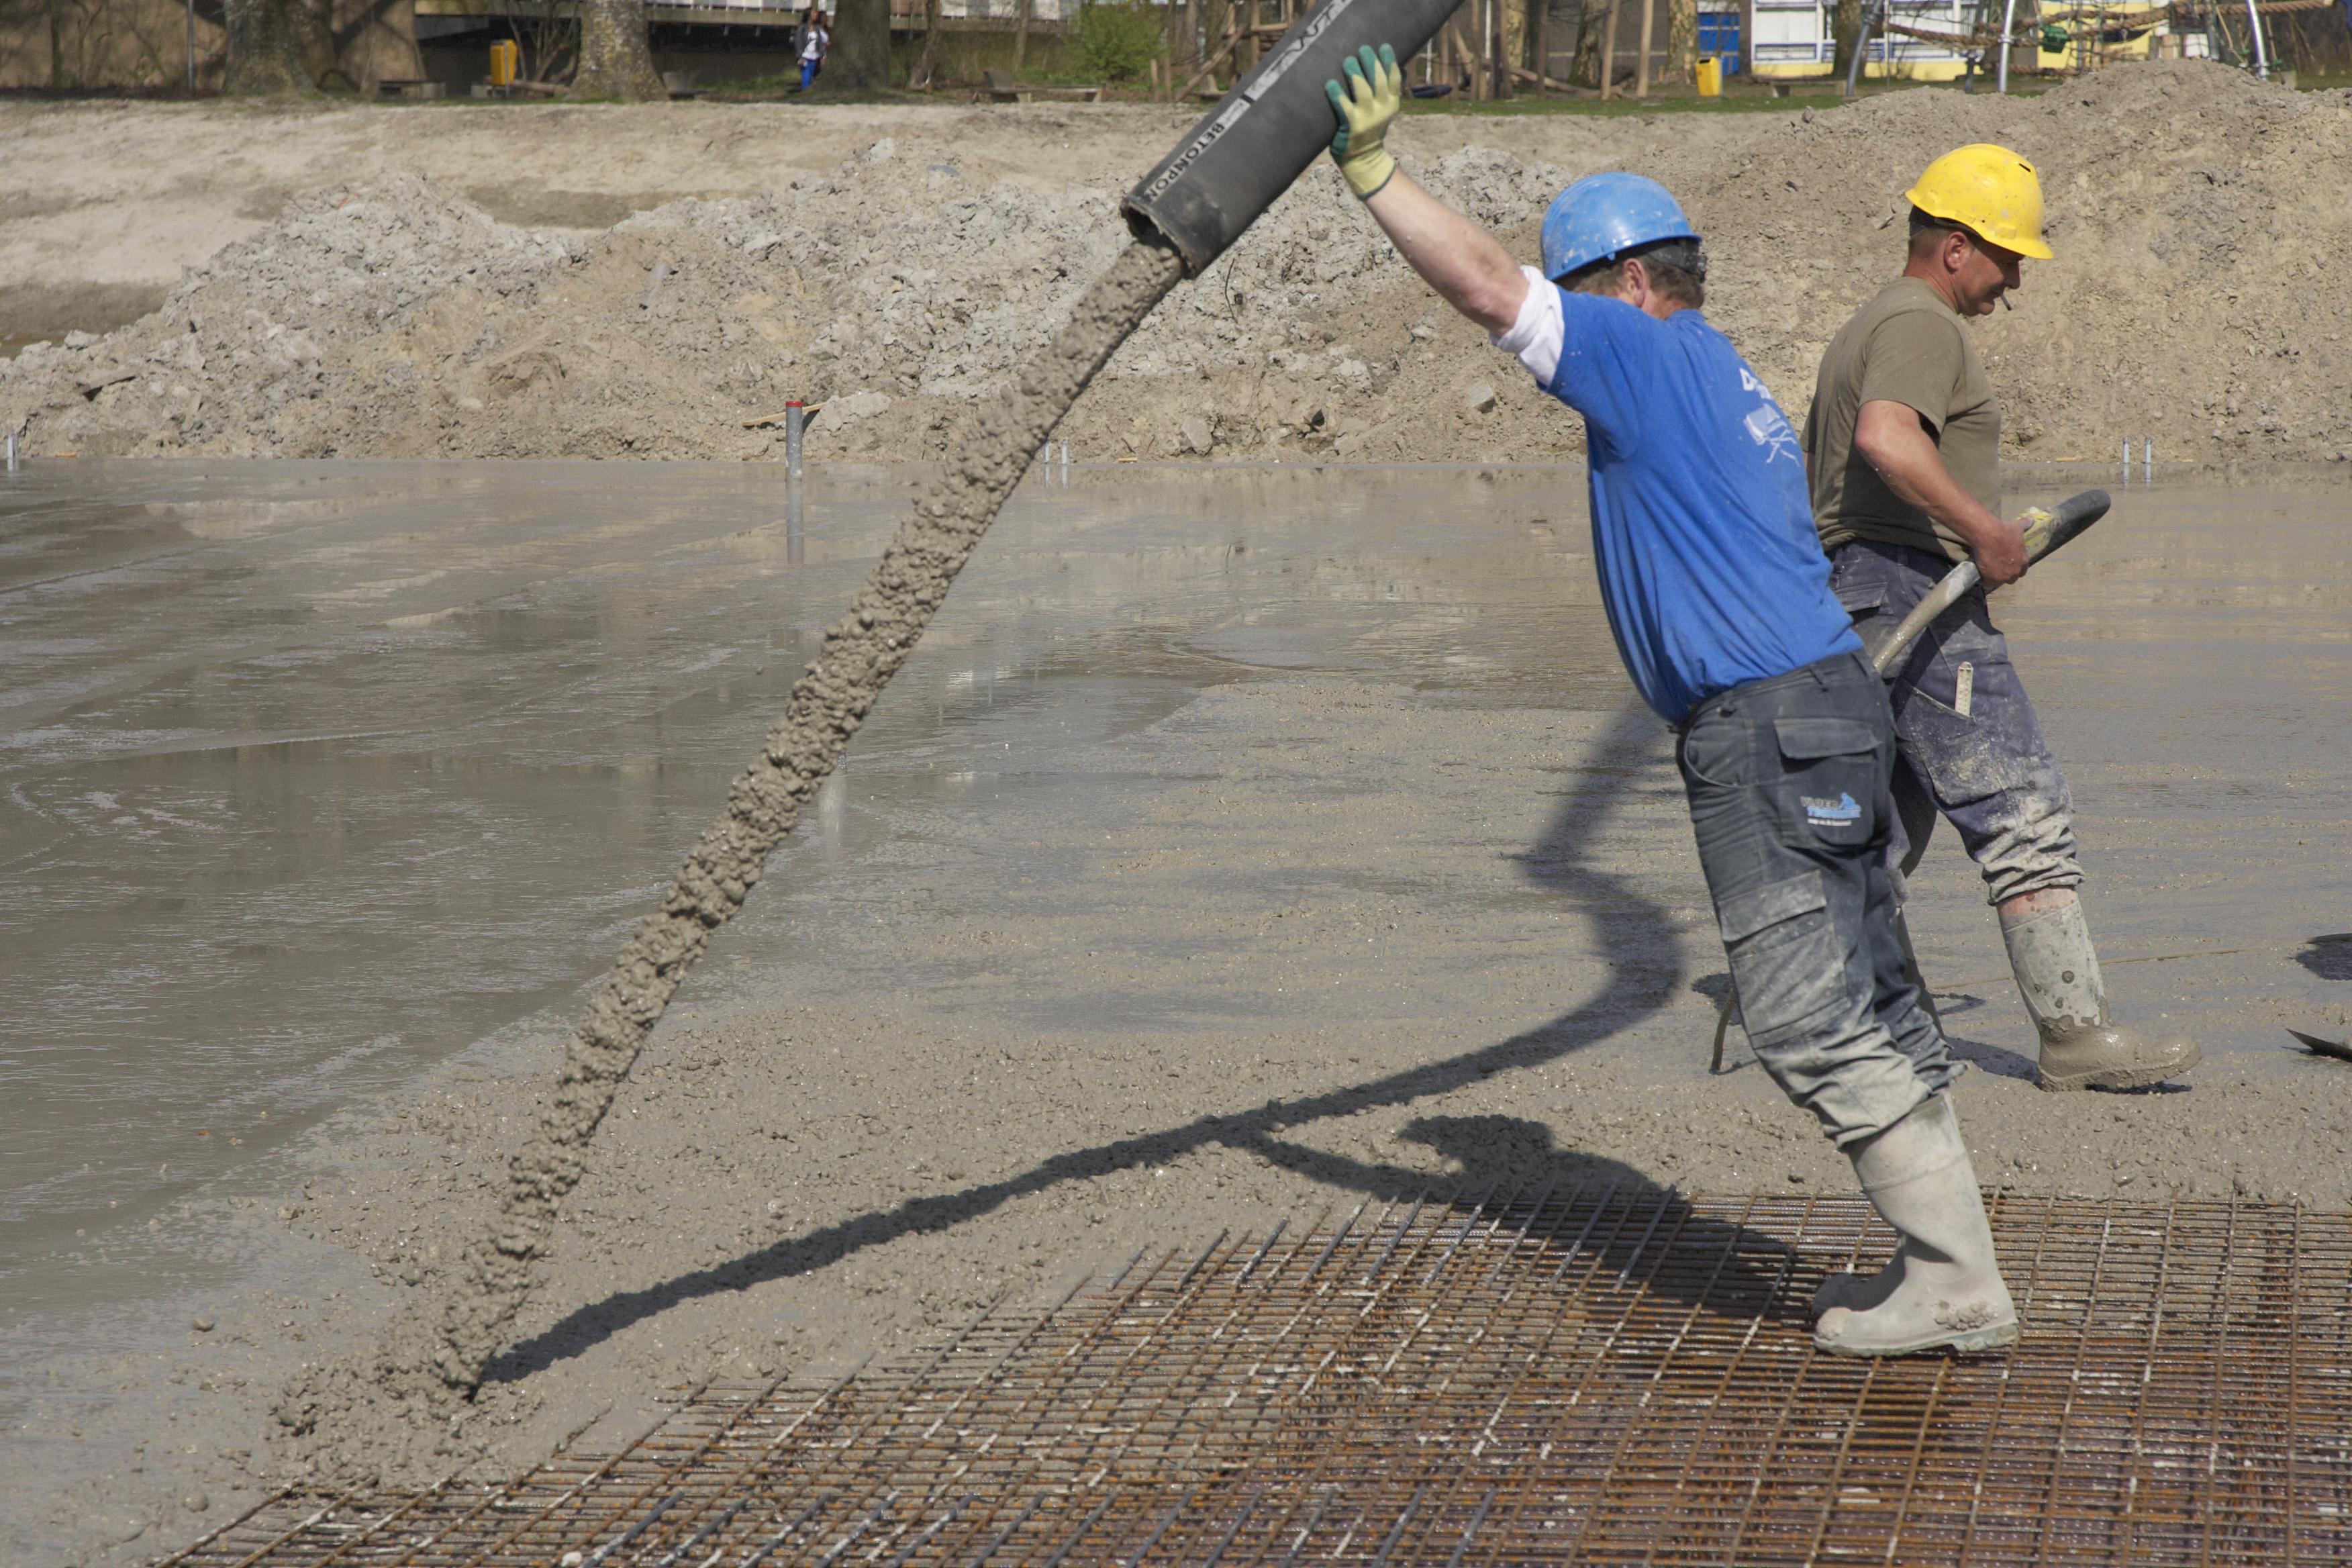 Goedkoop beton storten